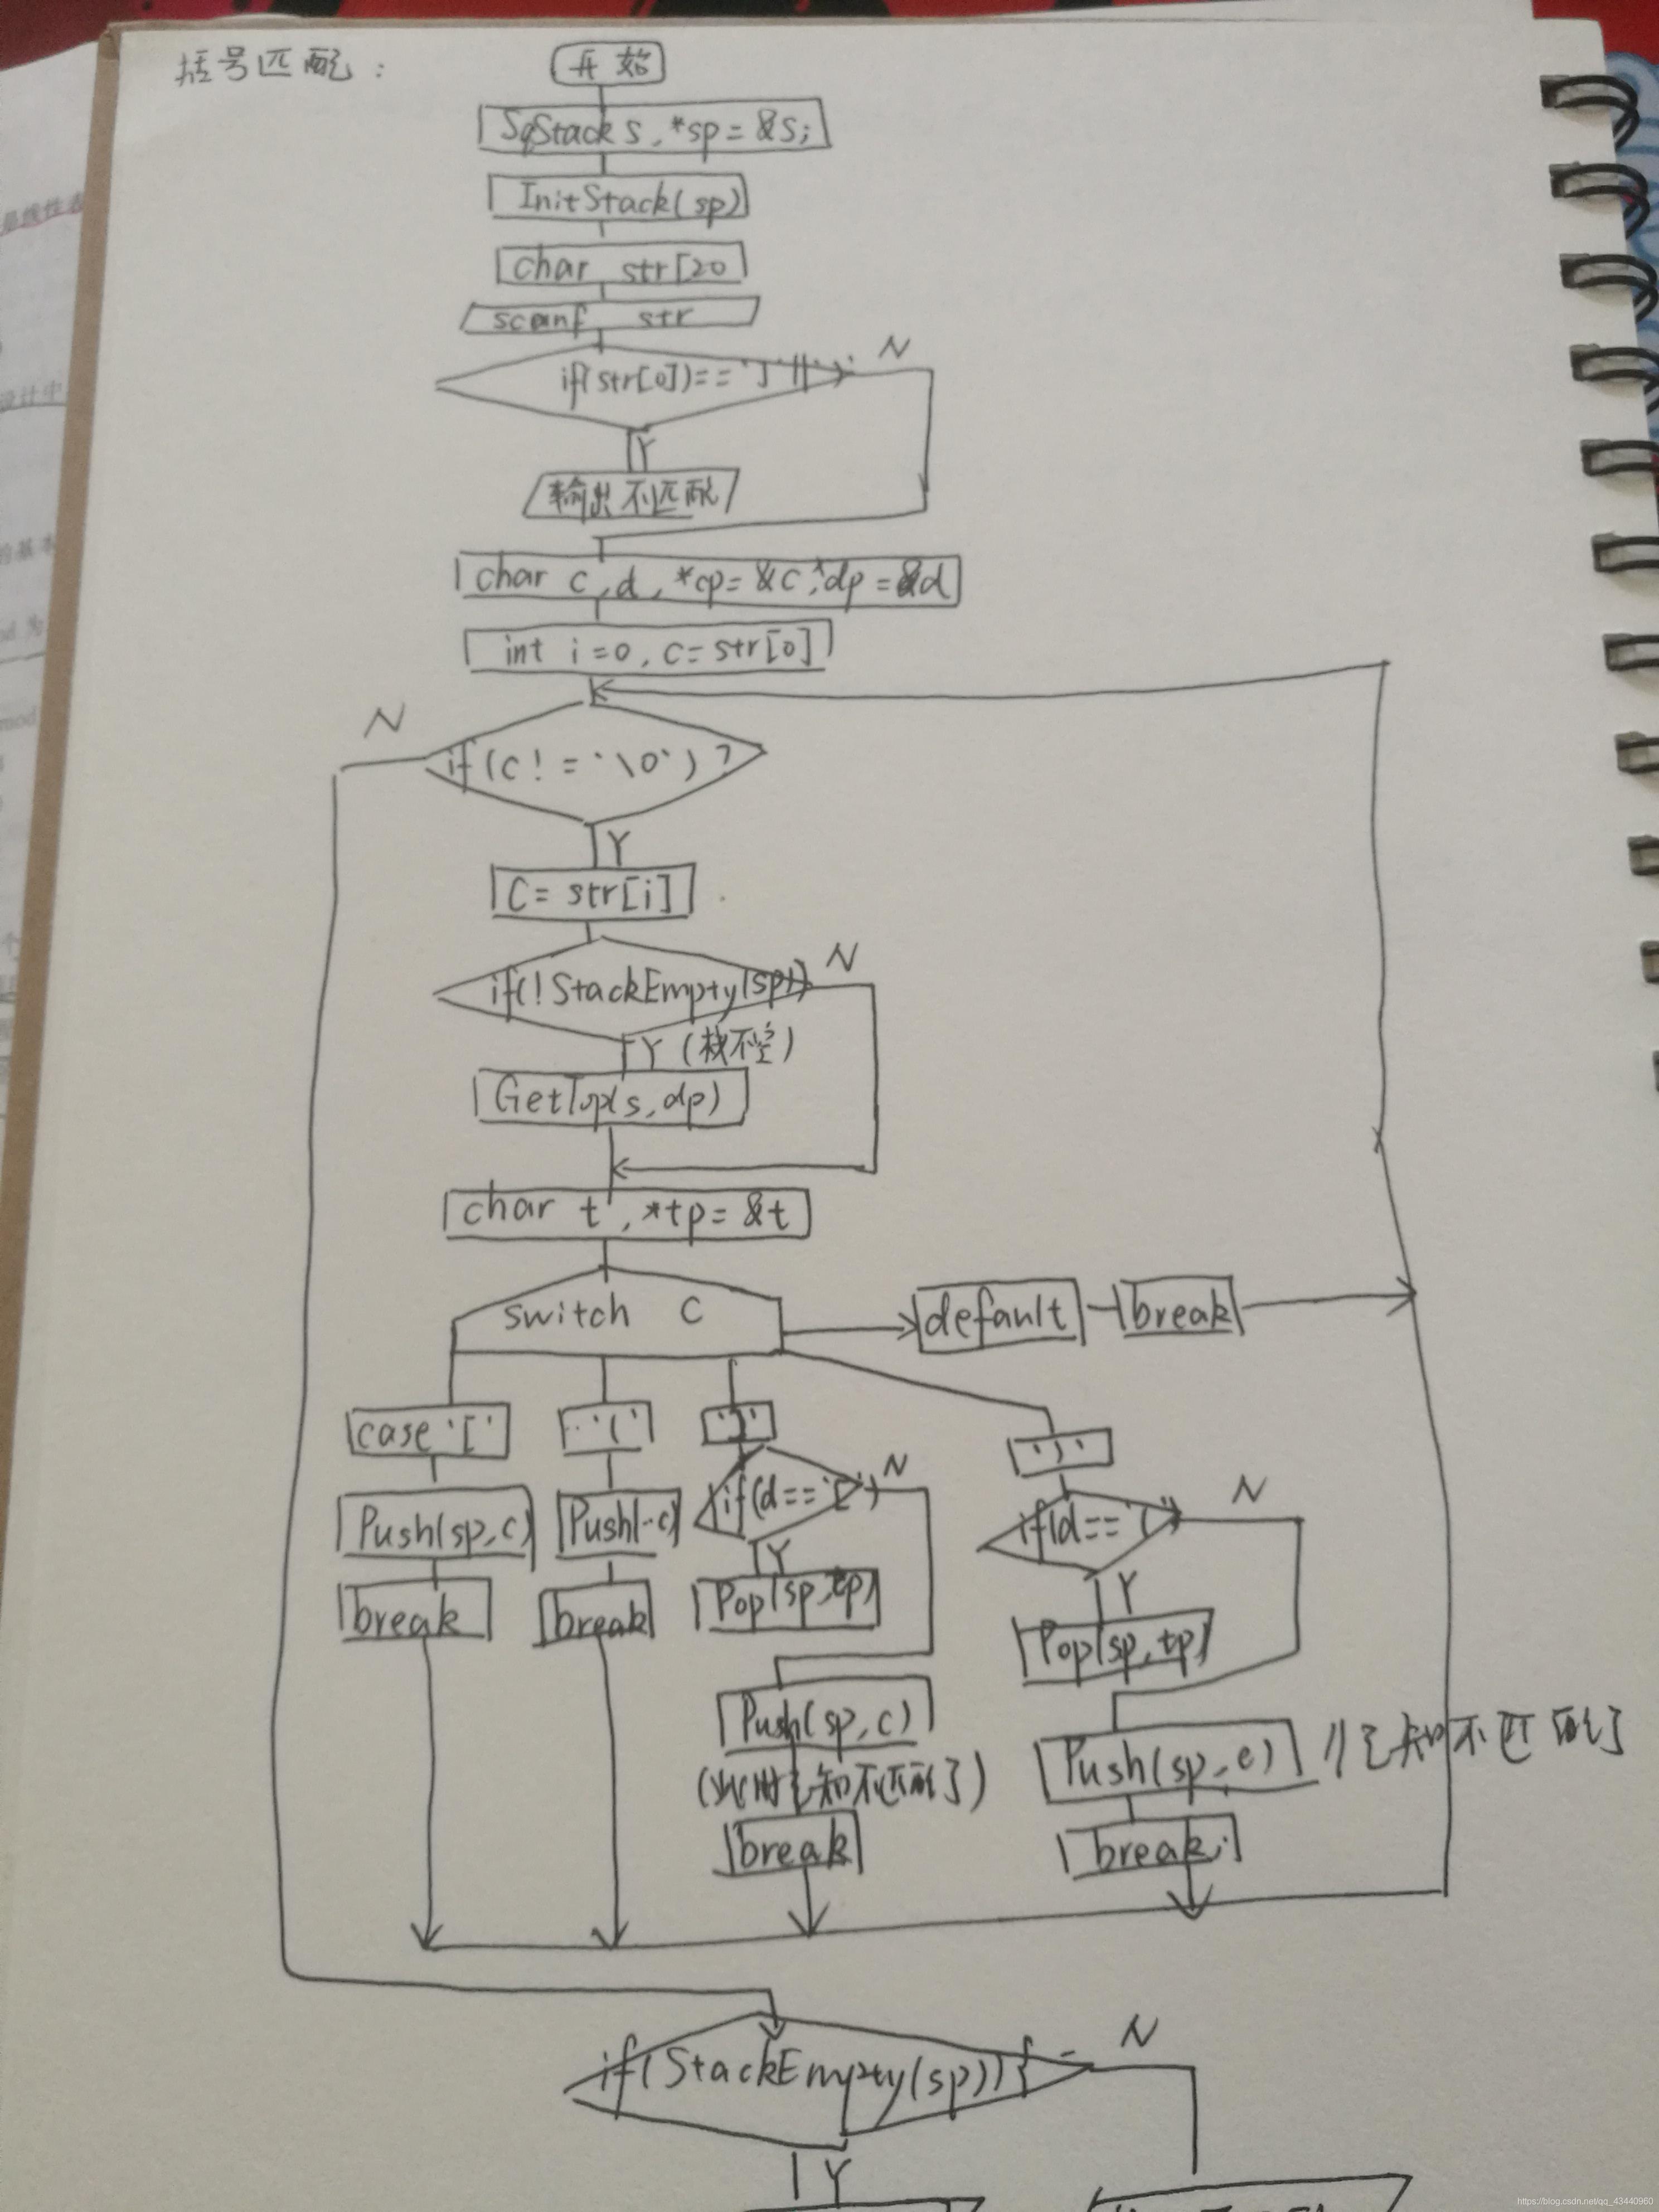 算法流程图